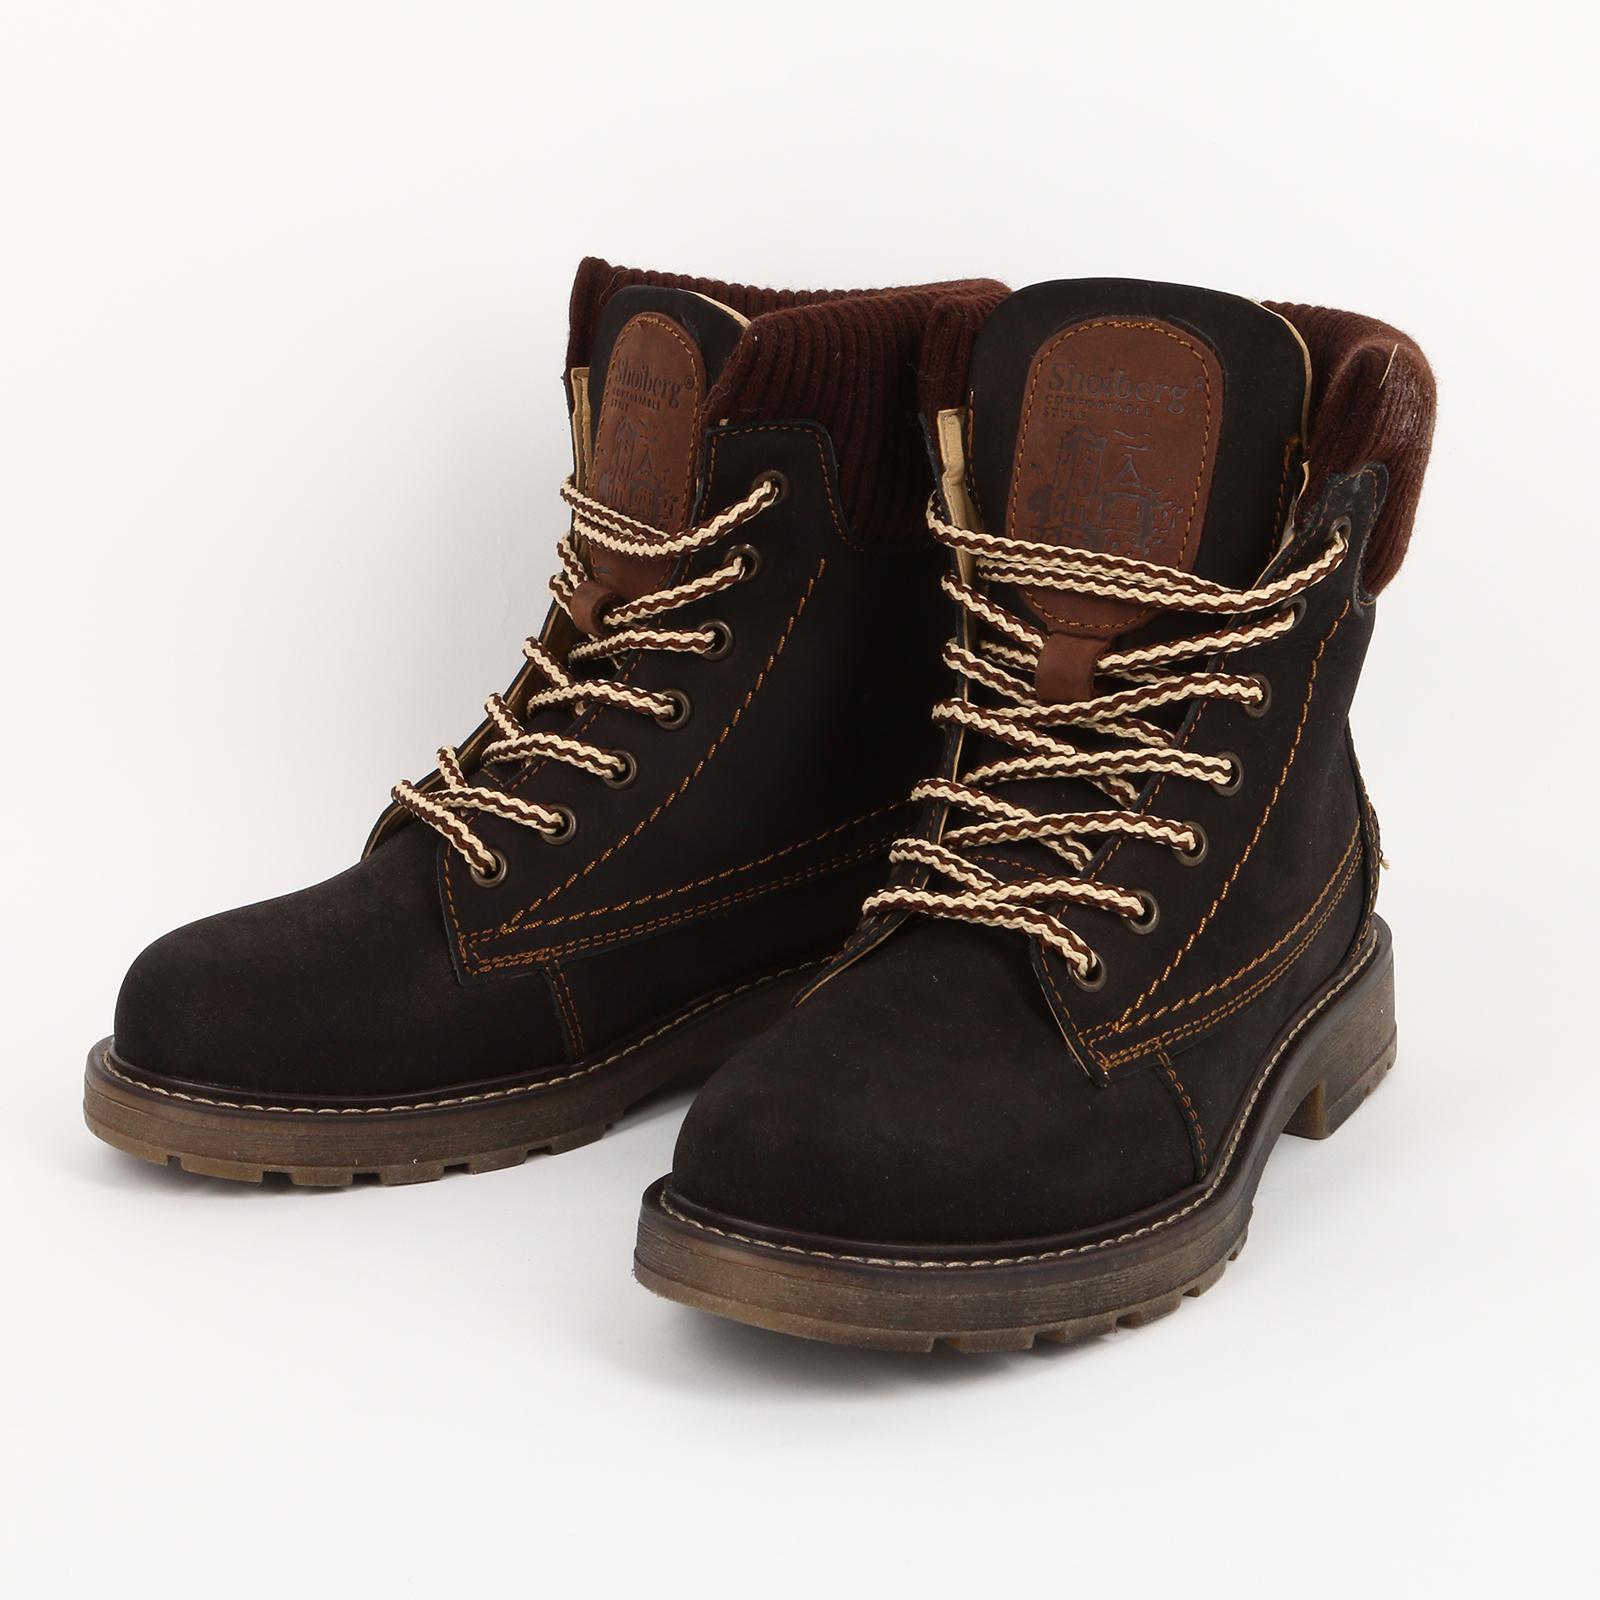 Высокие ботинки с текстильными вставками мужские ботинки shoiberg